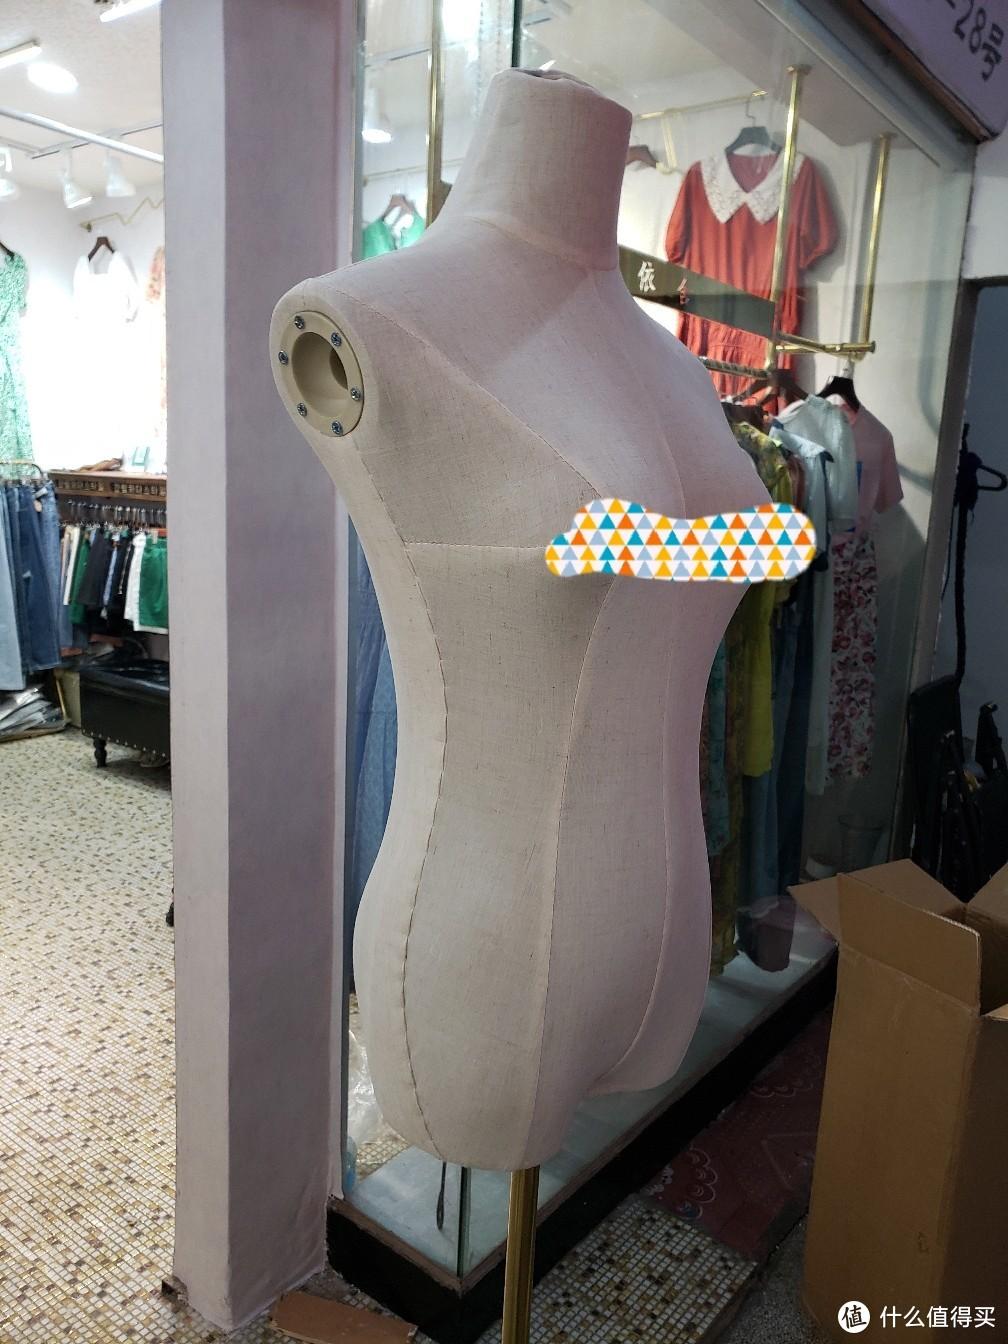 小店的装修之路,服装模特到货了